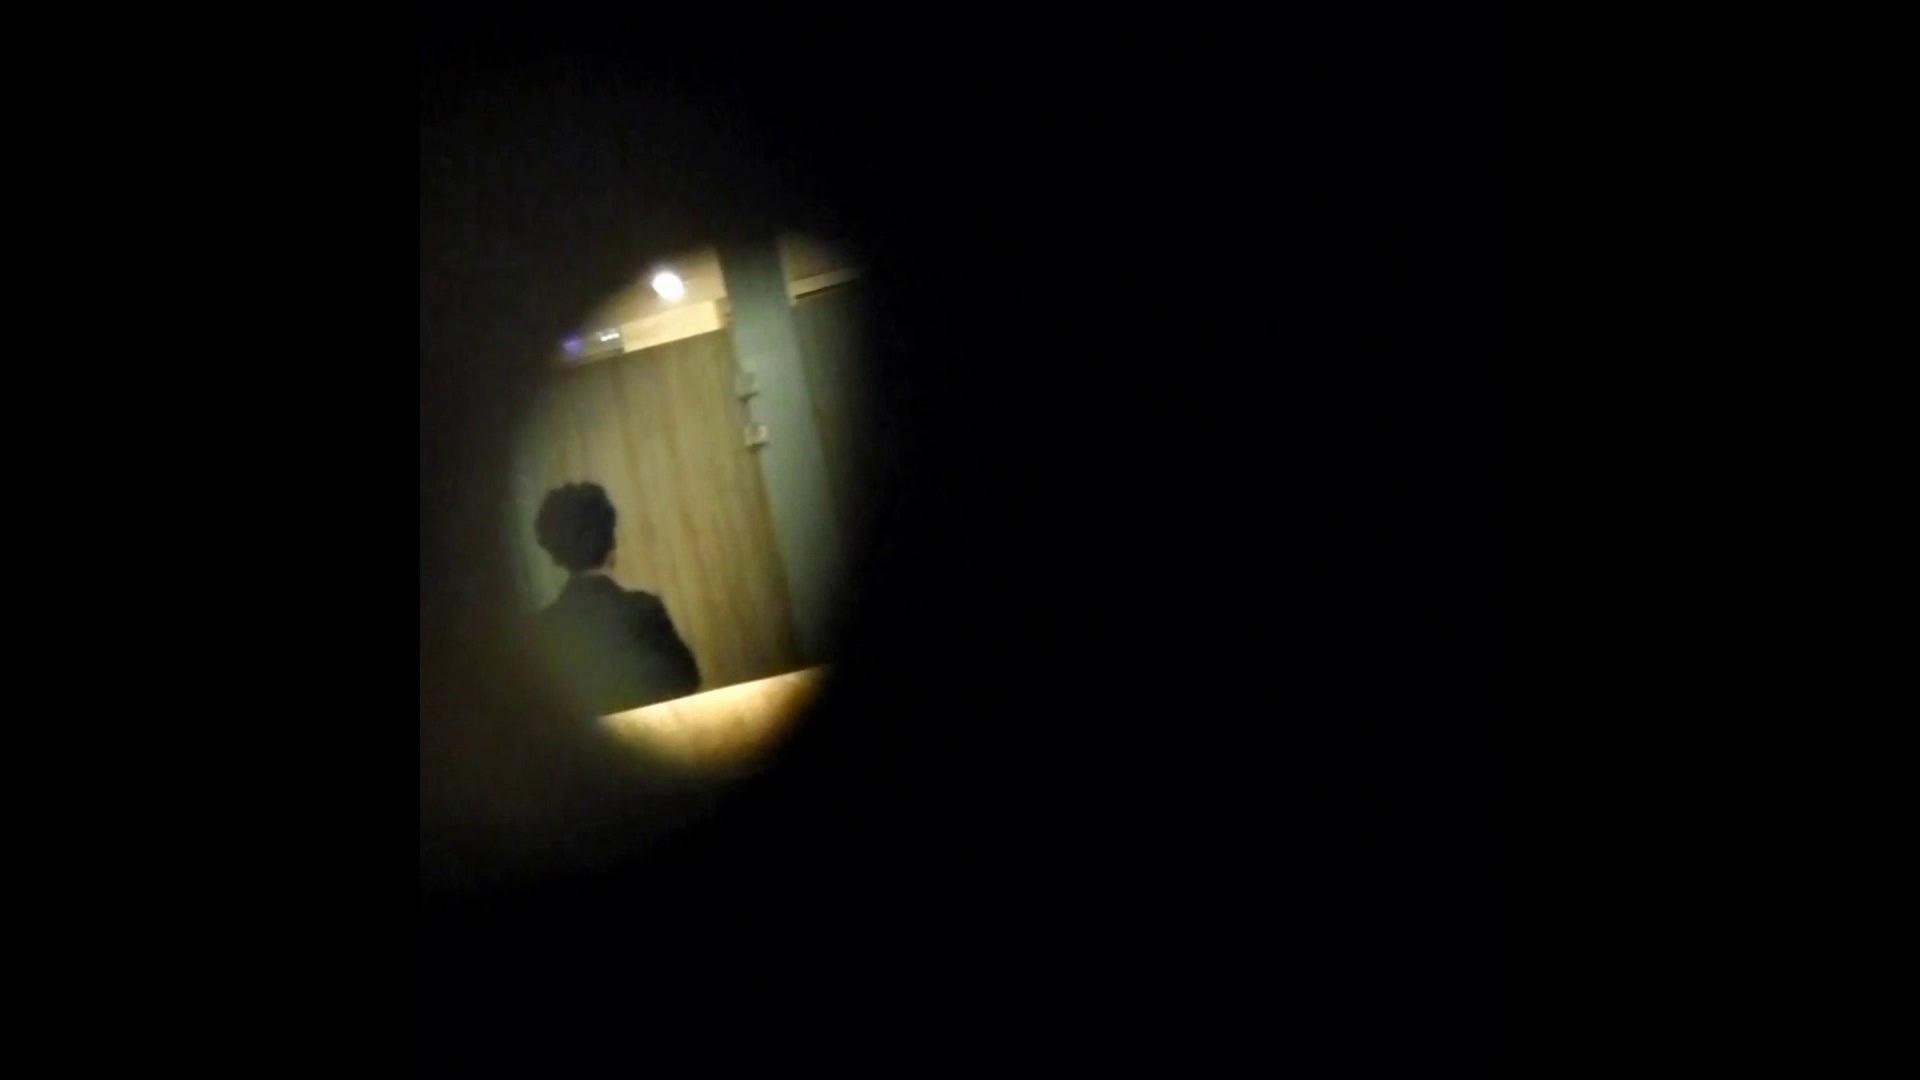 阿国ちゃんの和式洋式七変化 Vol.27 シリーズ最高作誕生 高画質動画 おまんこ無修正動画無料 48画像 26